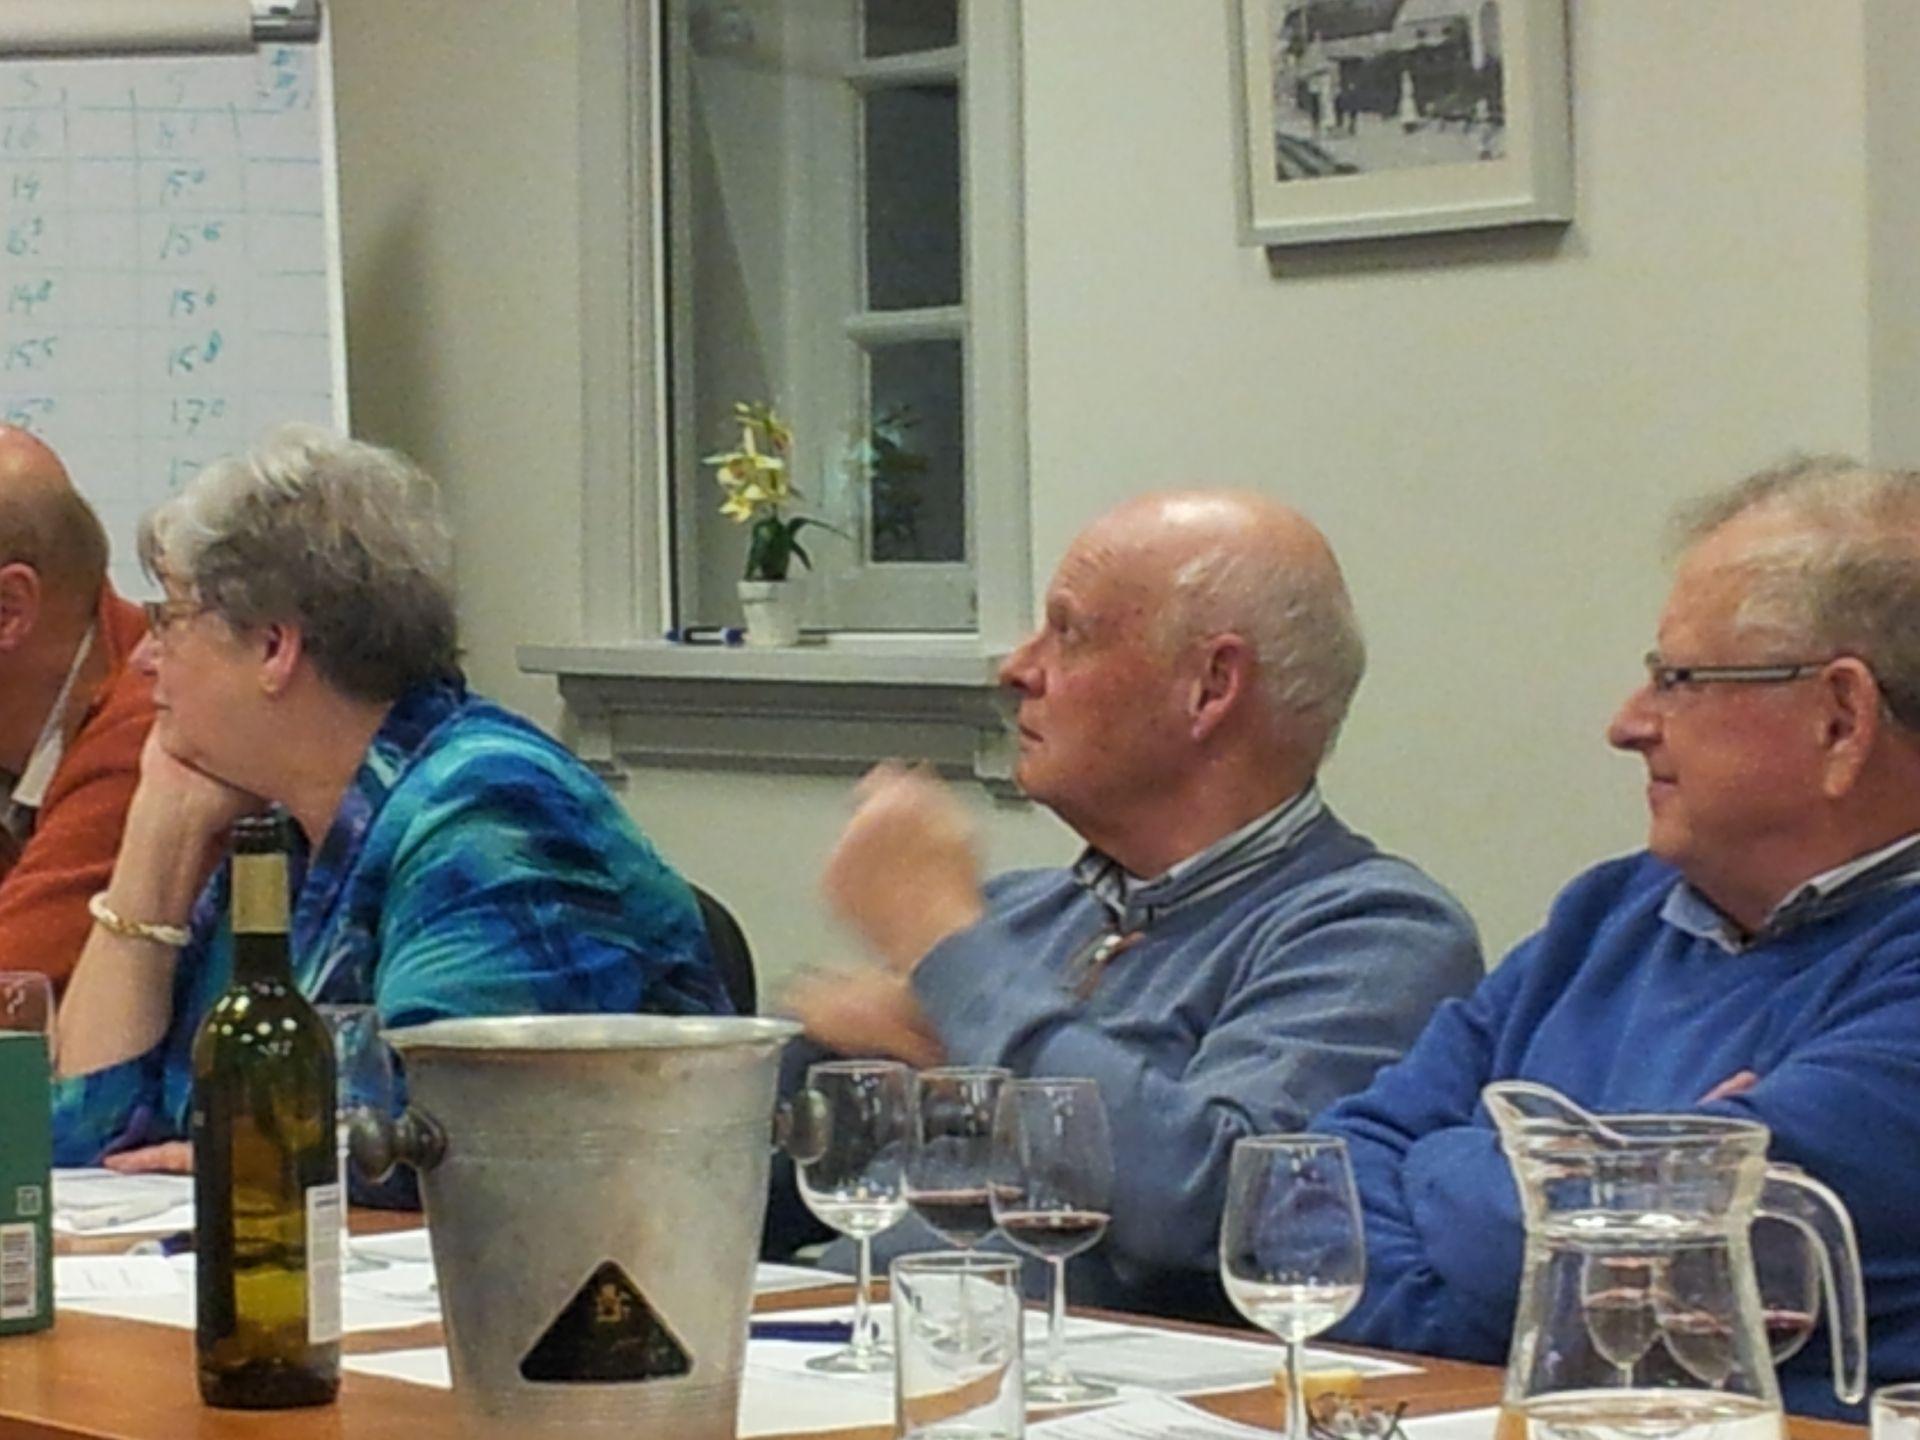 Oost-Brabant: Wijnproeverij Terroirs van Domaine La Gontarde . Op de foto George Mes en Ad Jansen.